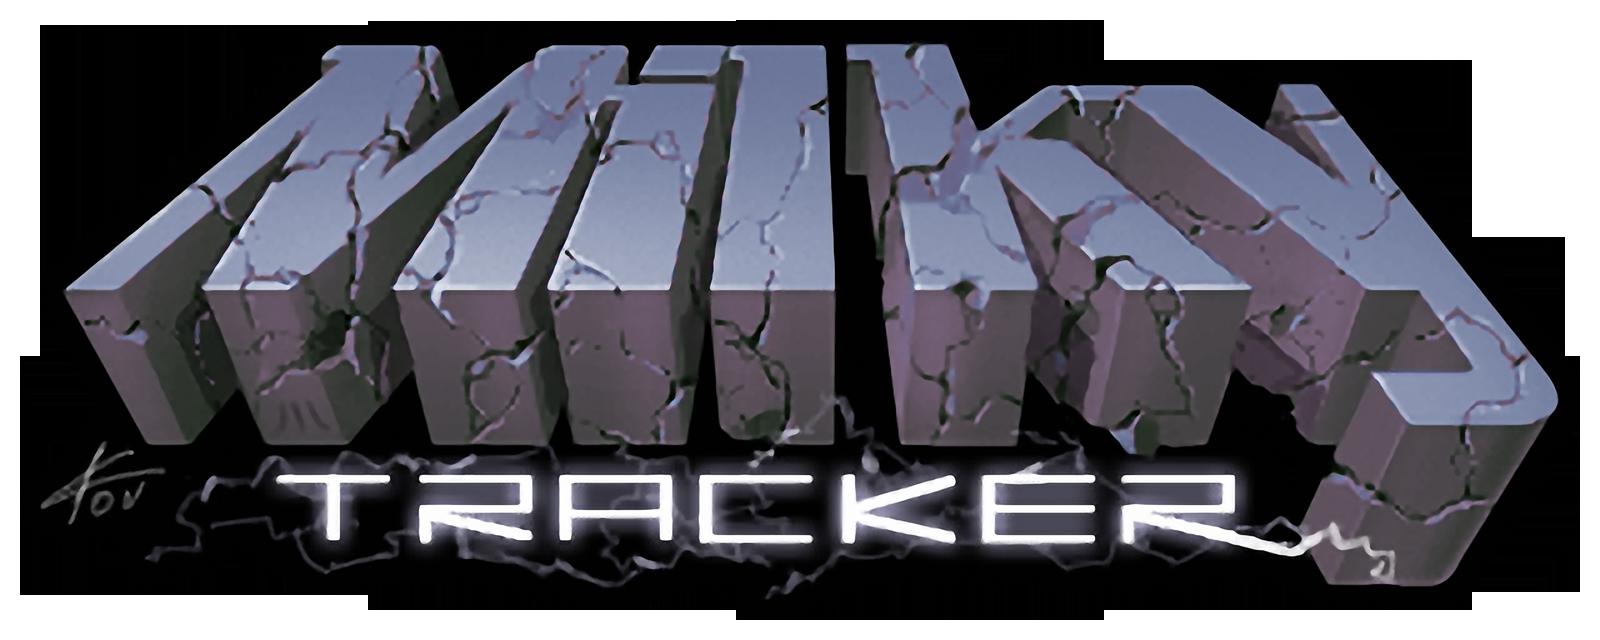 Milkytracker-logo.png